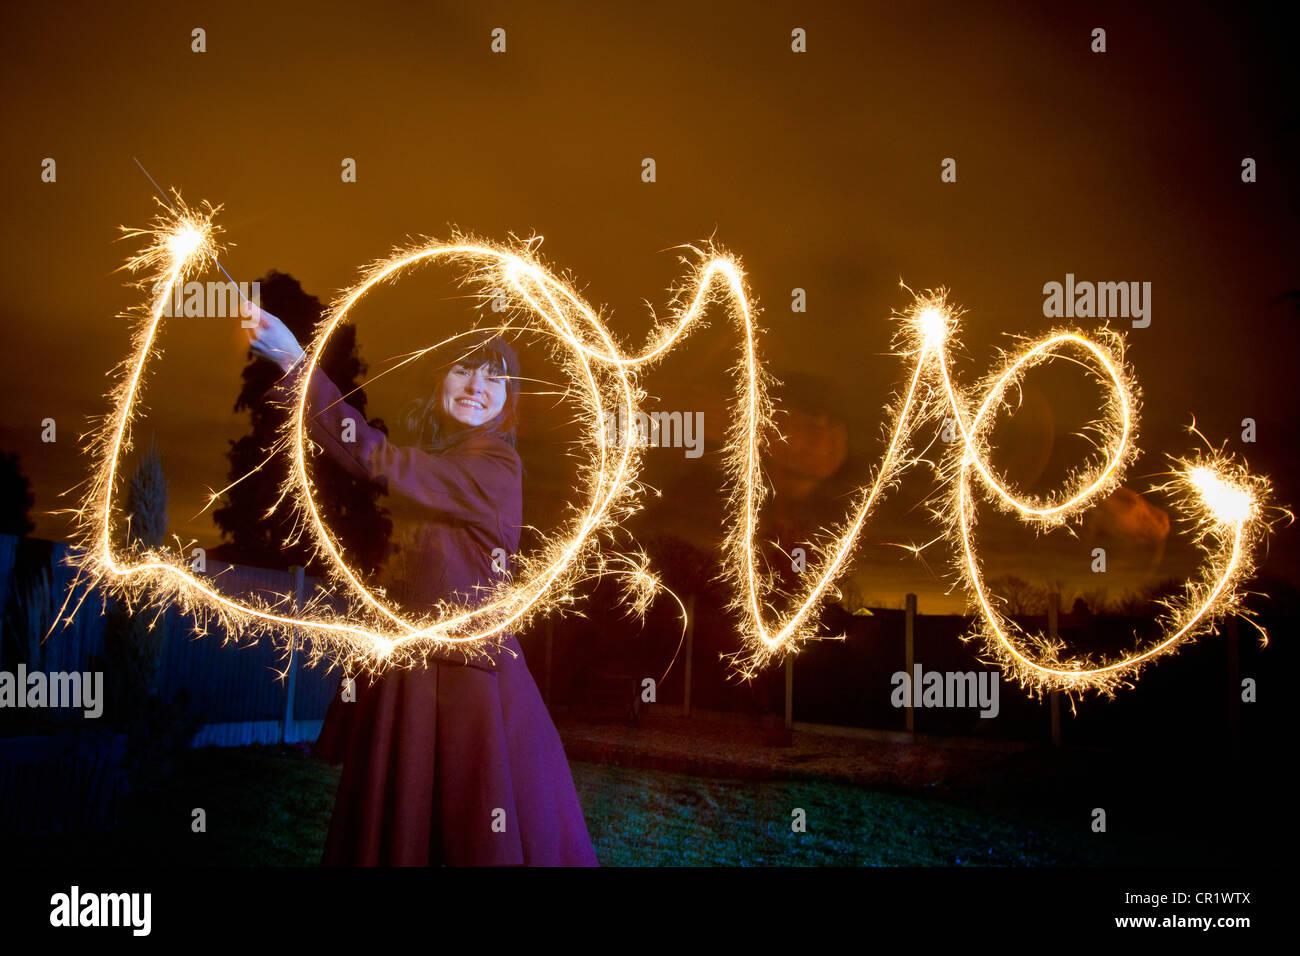 Frau schreiben Liebe mit Wunderkerze Stockbild